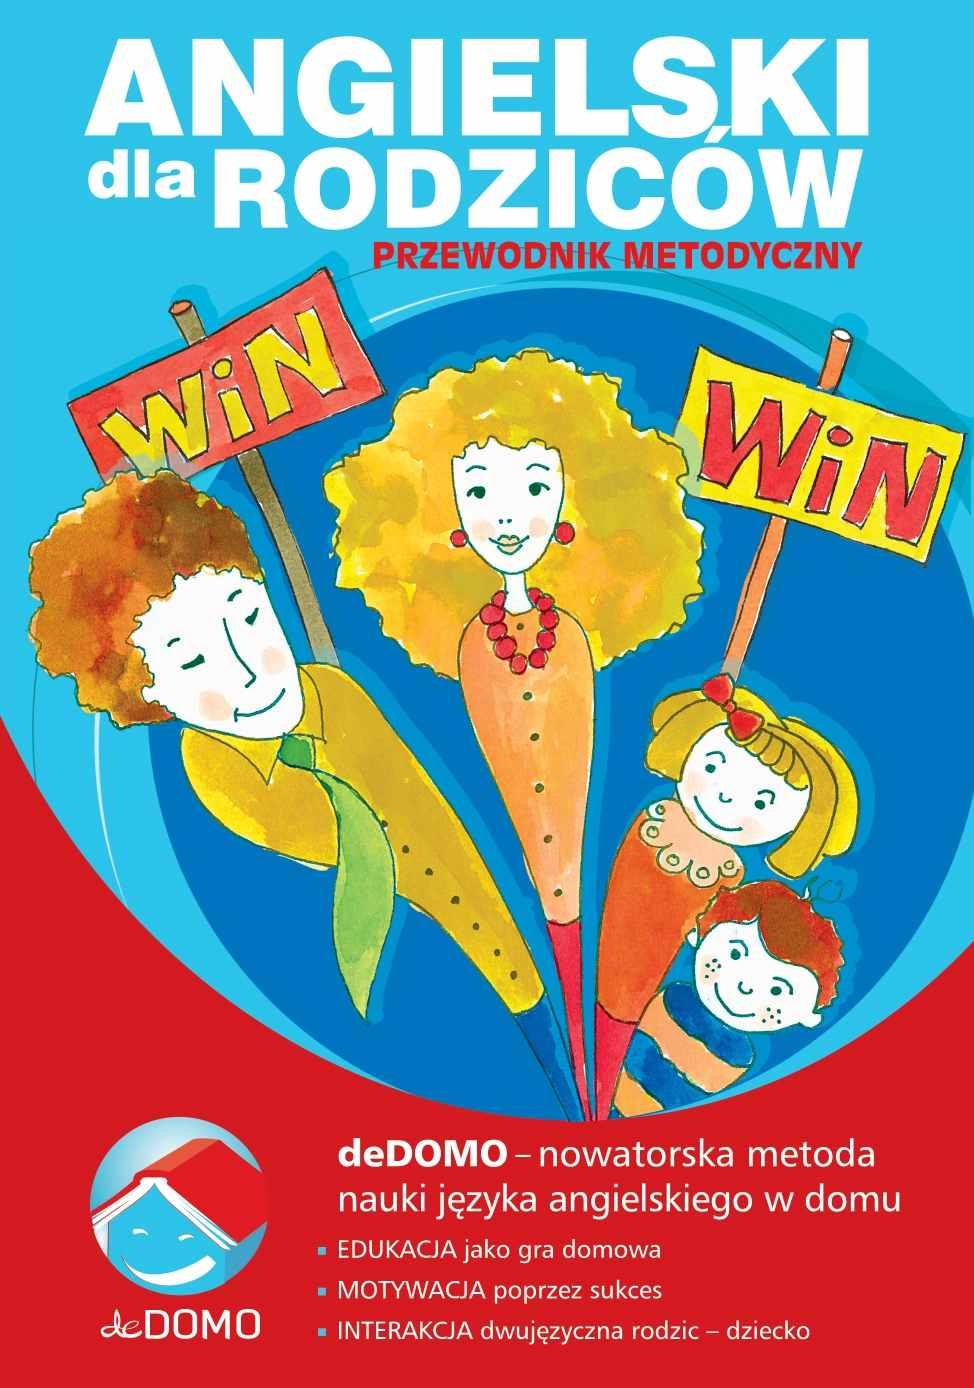 Angielski dla rodziców. Przewodnik metodyczny deDOMO - Ebook (Książka PDF) do pobrania w formacie PDF